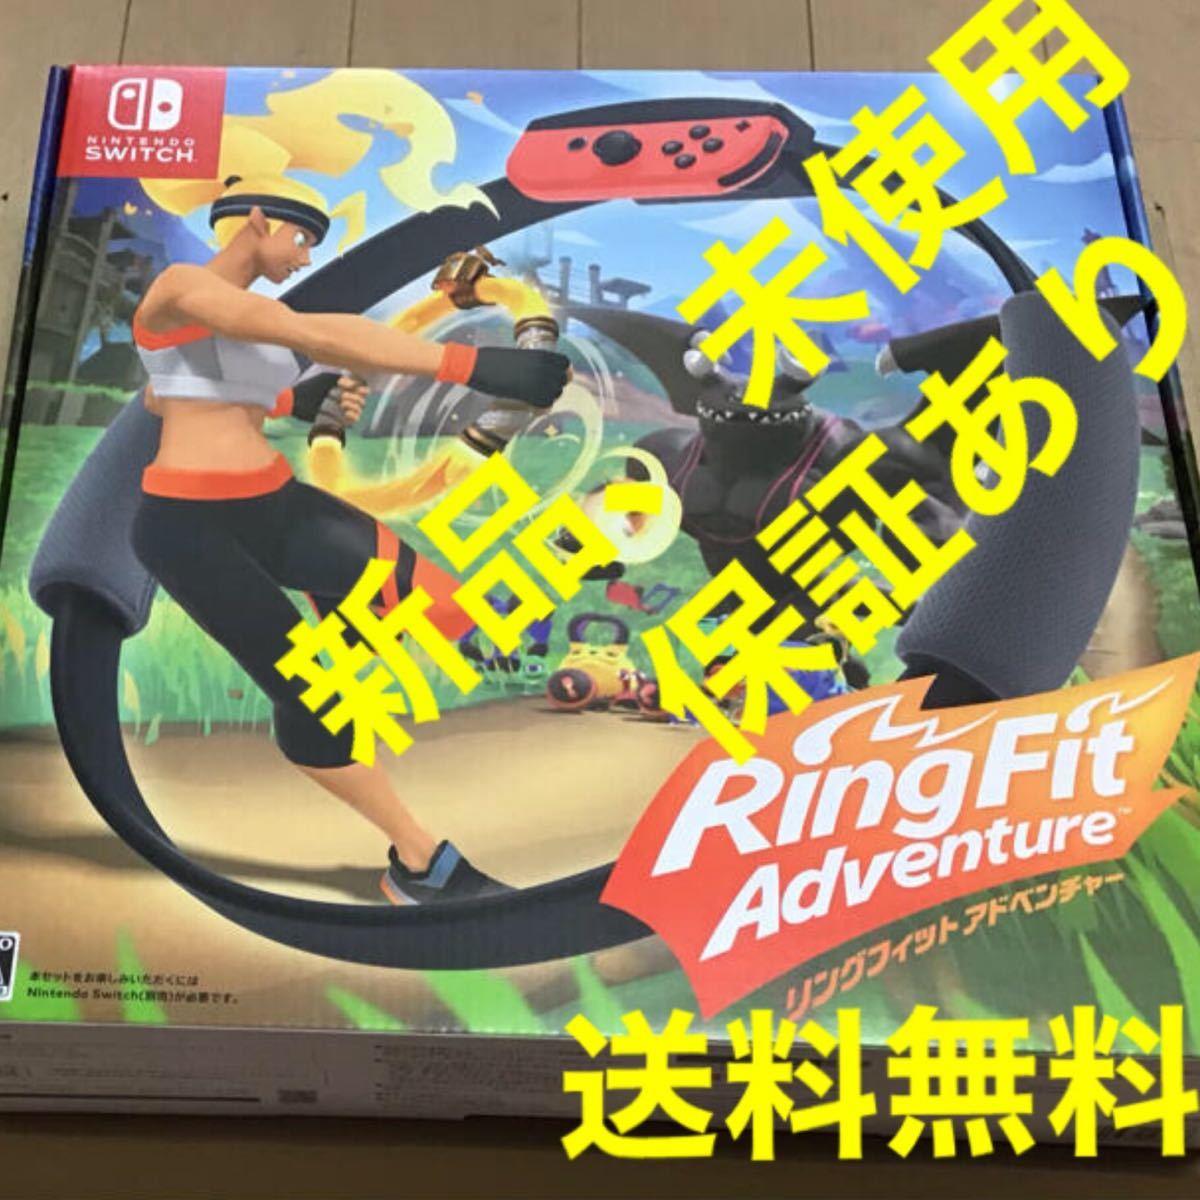 リングフィットアドベンチャー 任天堂Switch ソフト 新品 運動不足 解消